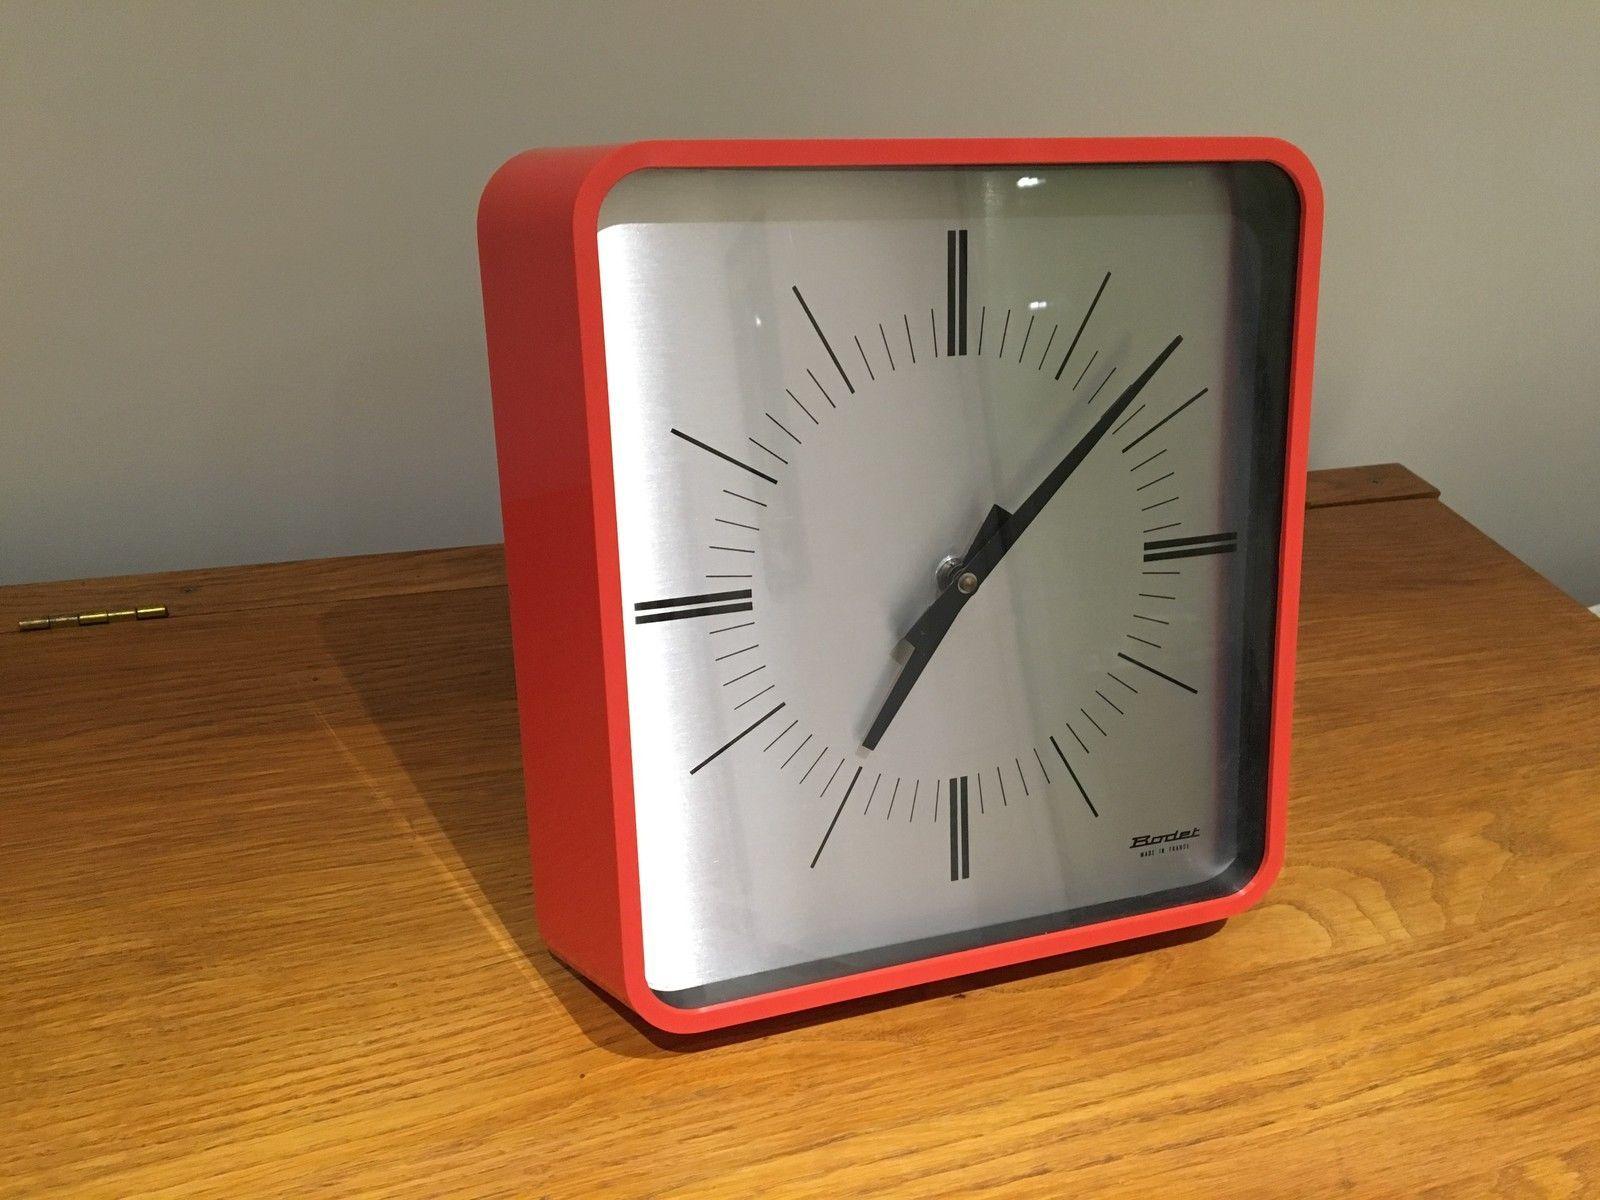 Trouvez Horloge Antique dans Art et objets de collection | Vous voulez embellir votre espace ou le réduire?